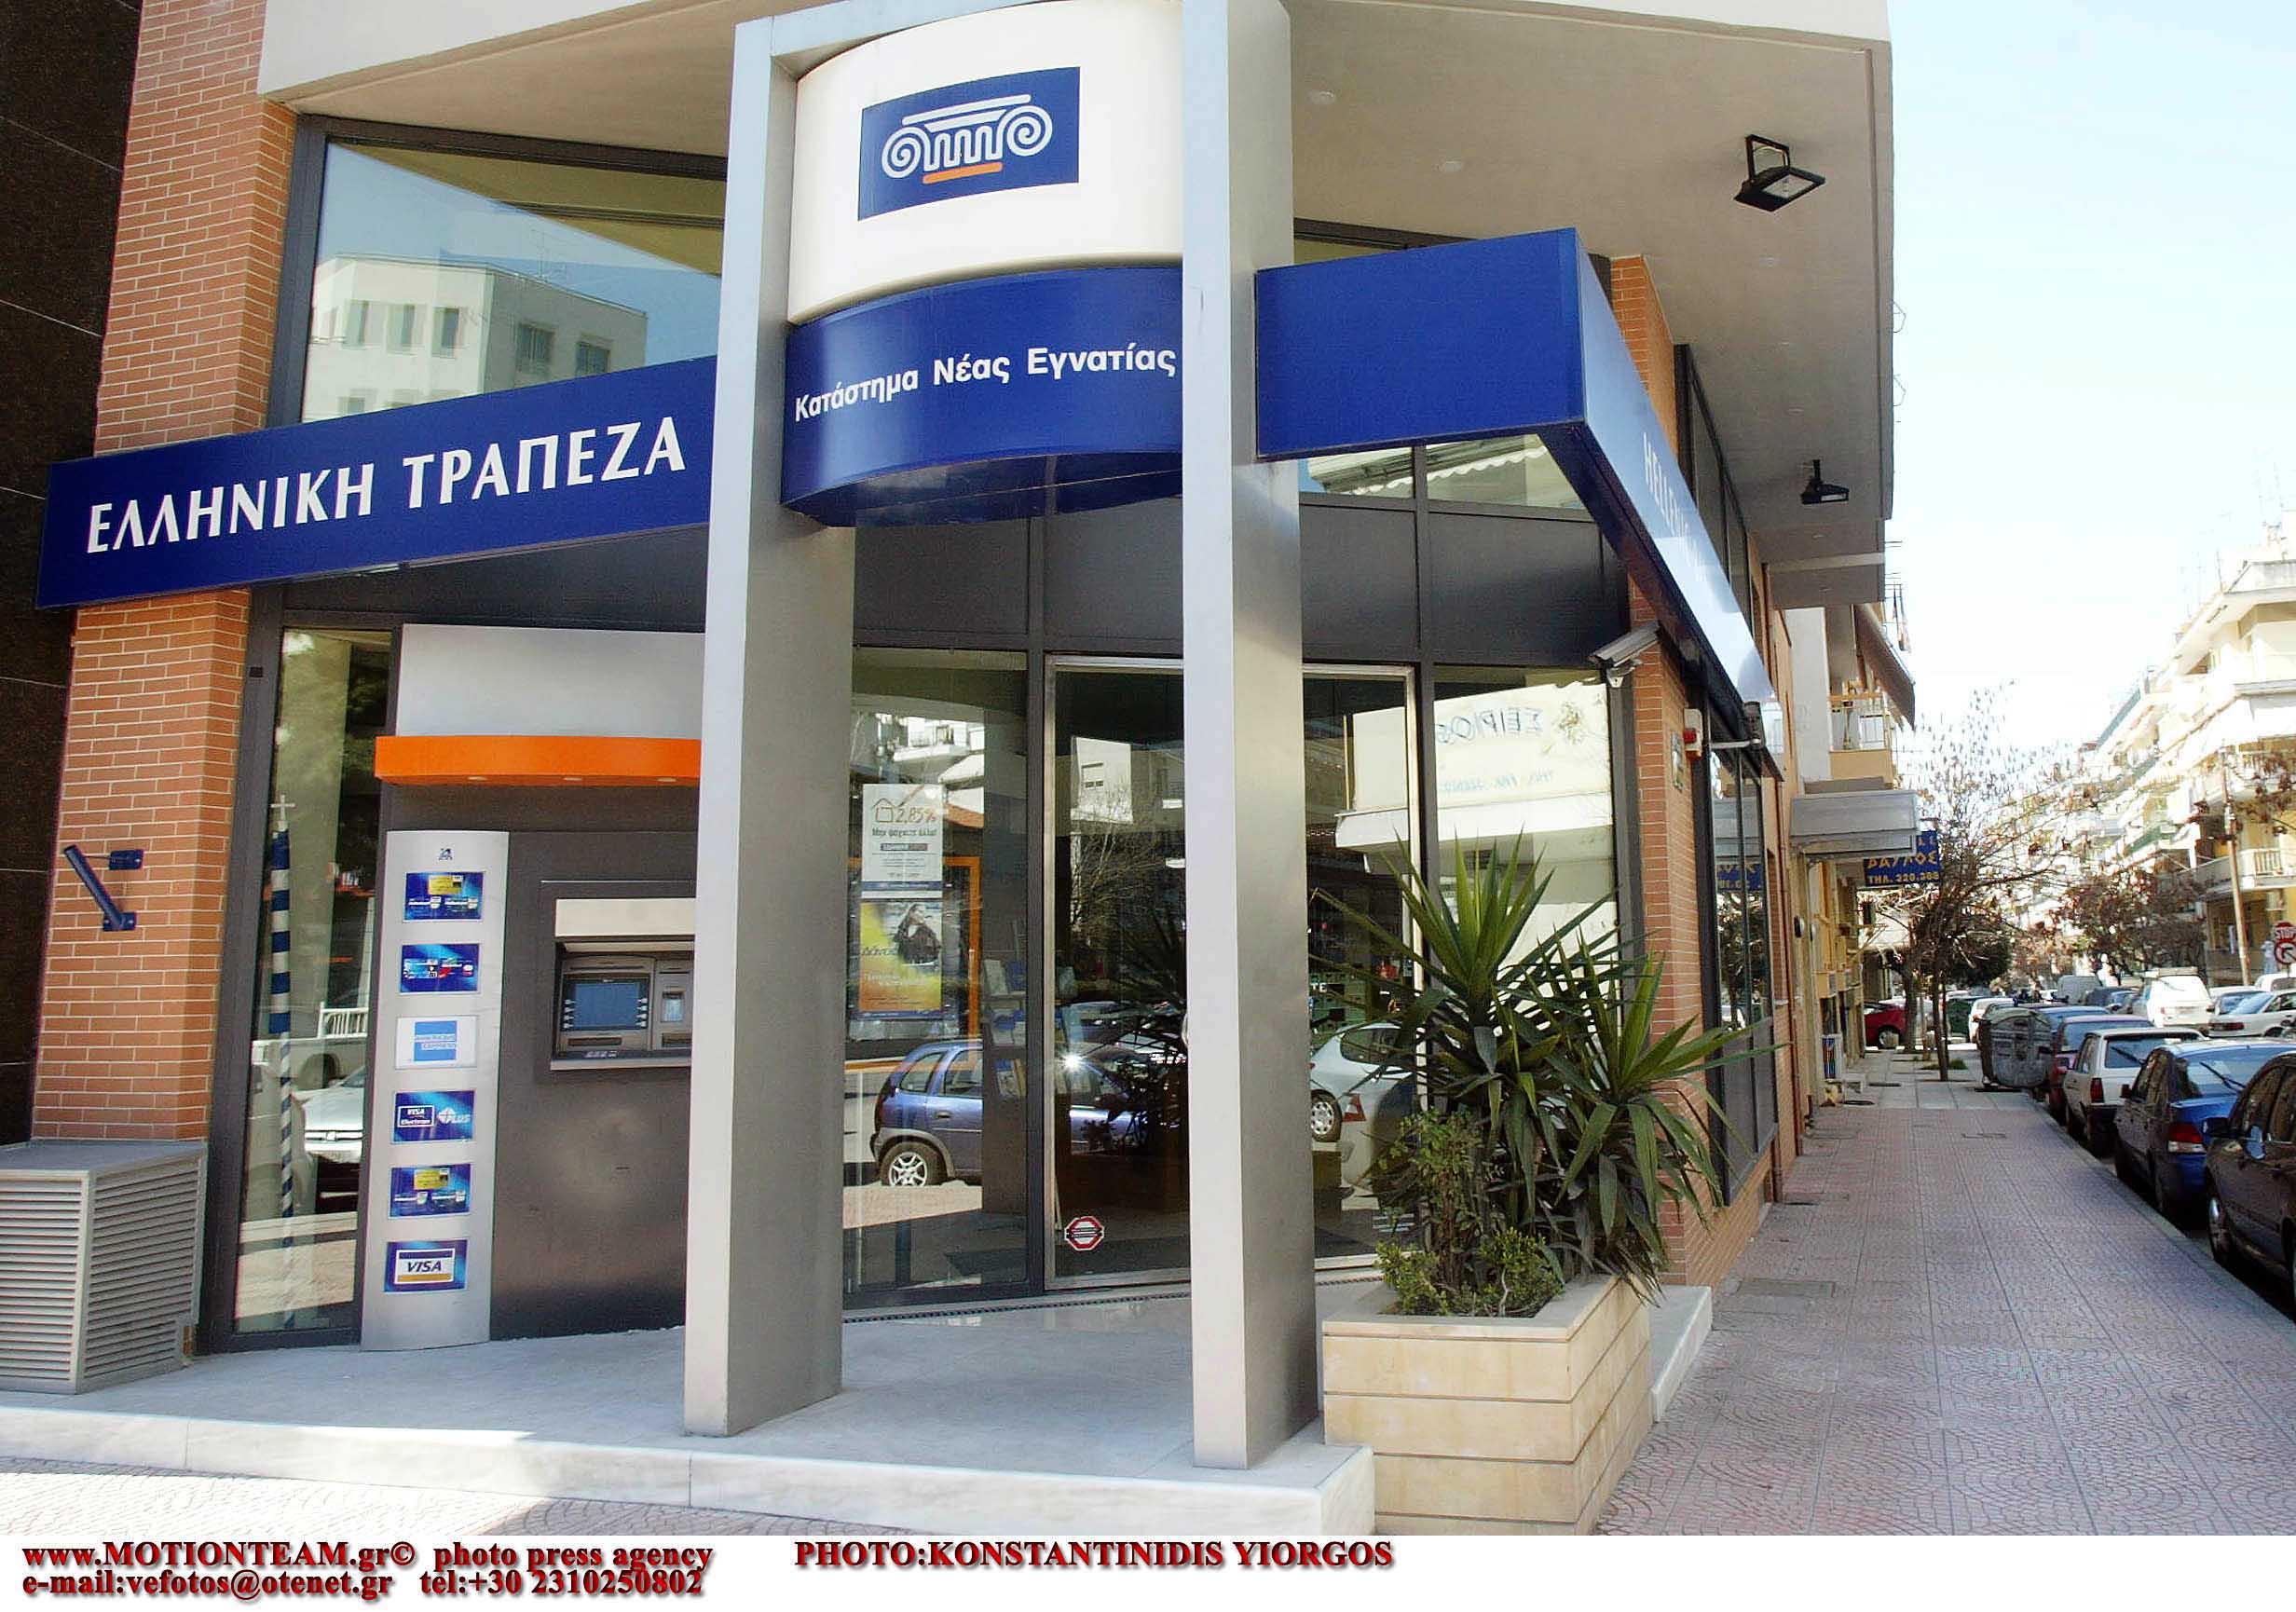 Προς αύξηση μετοχικού κεφαλαίου η Ελληνική Τράπεζα | tovima.gr